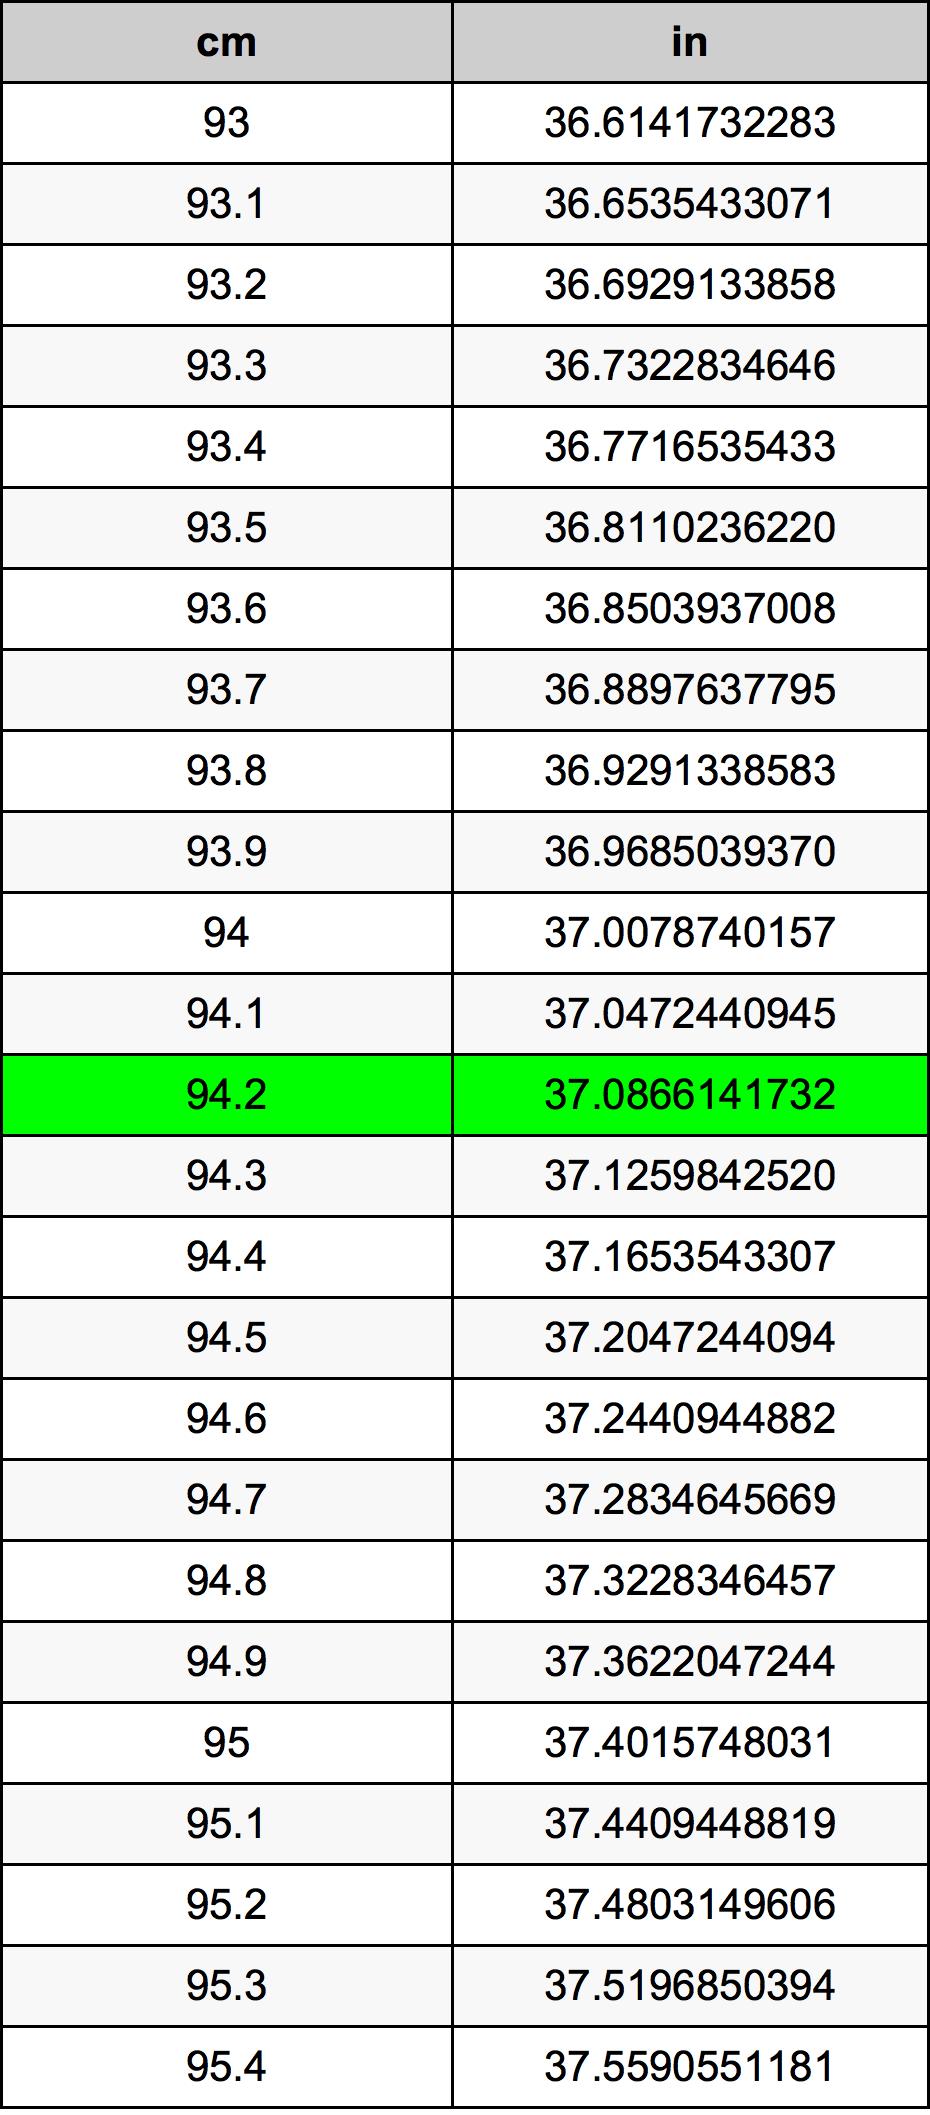 94.2 Centiméter átszámítási táblázat